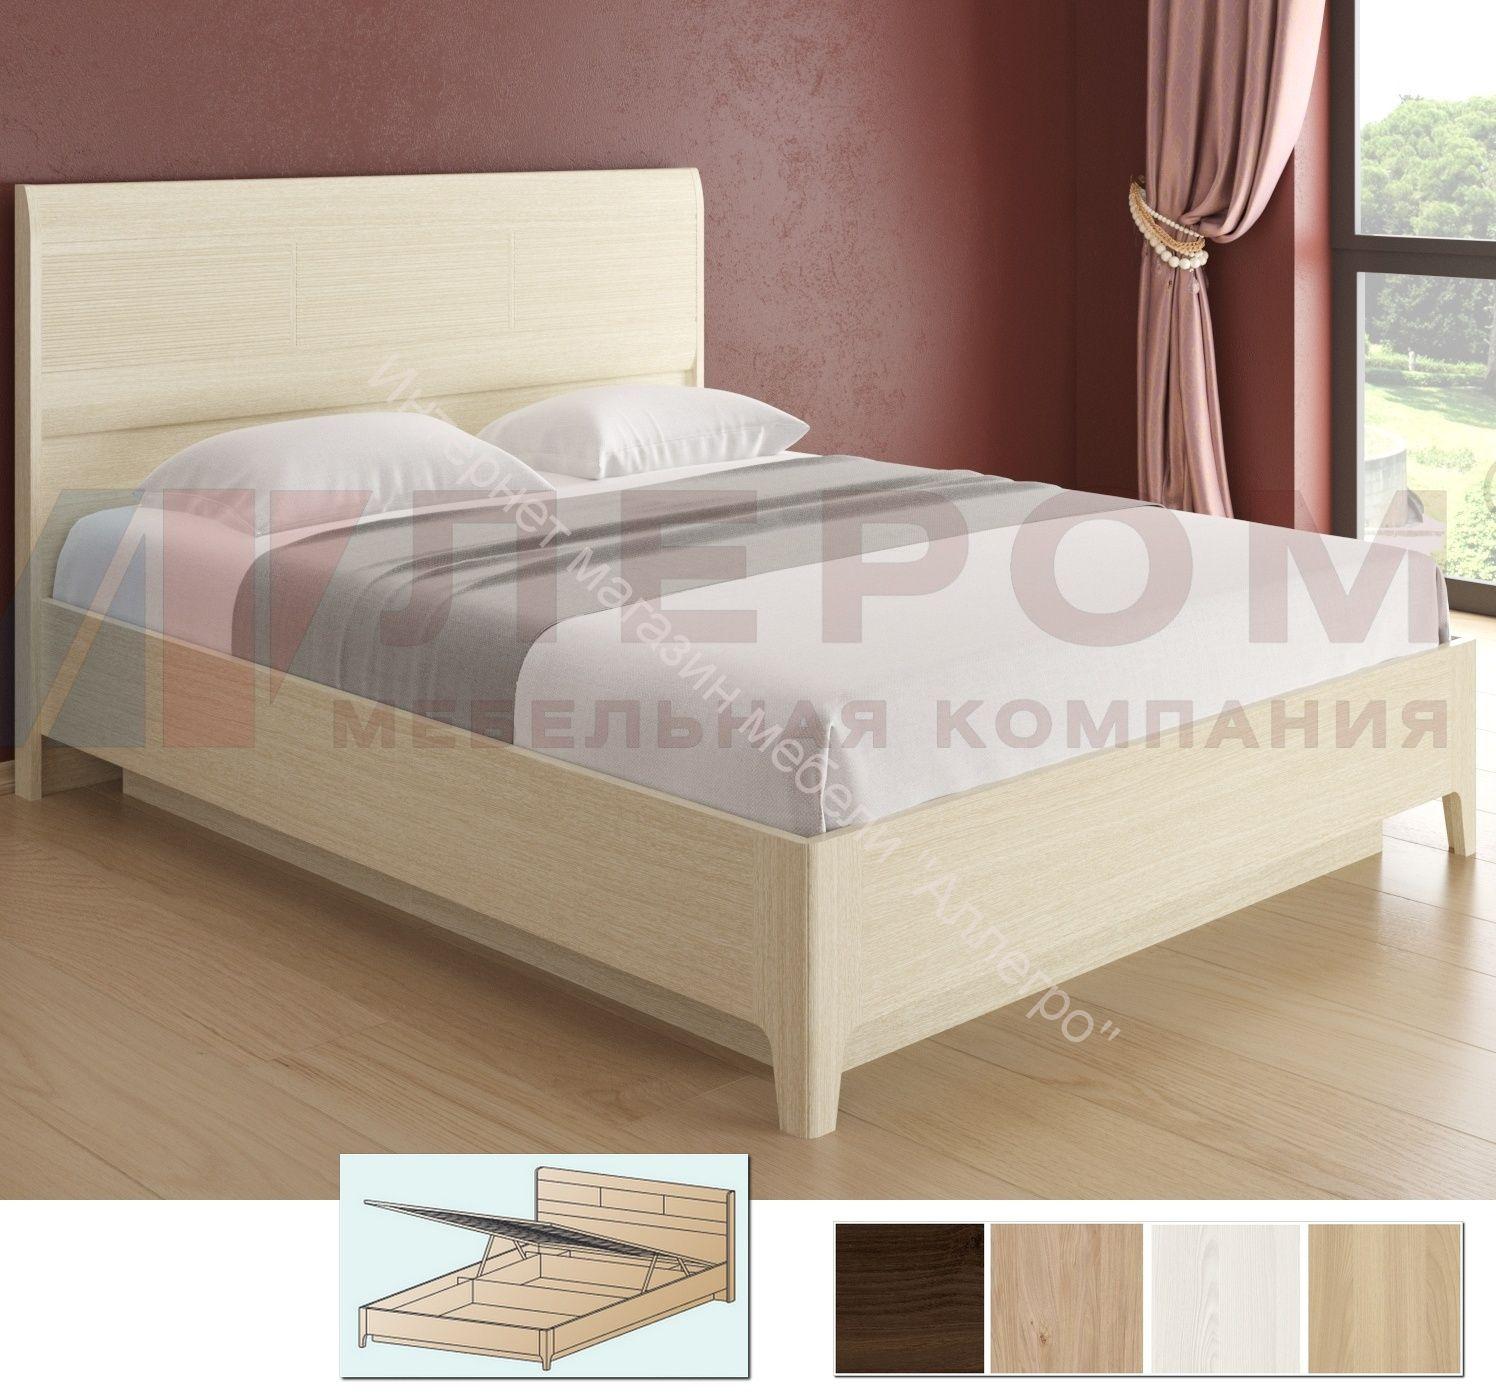 Кровать КР-1864 (1,8х2,0) с П/Мех и жестким изголовьем Мелисса